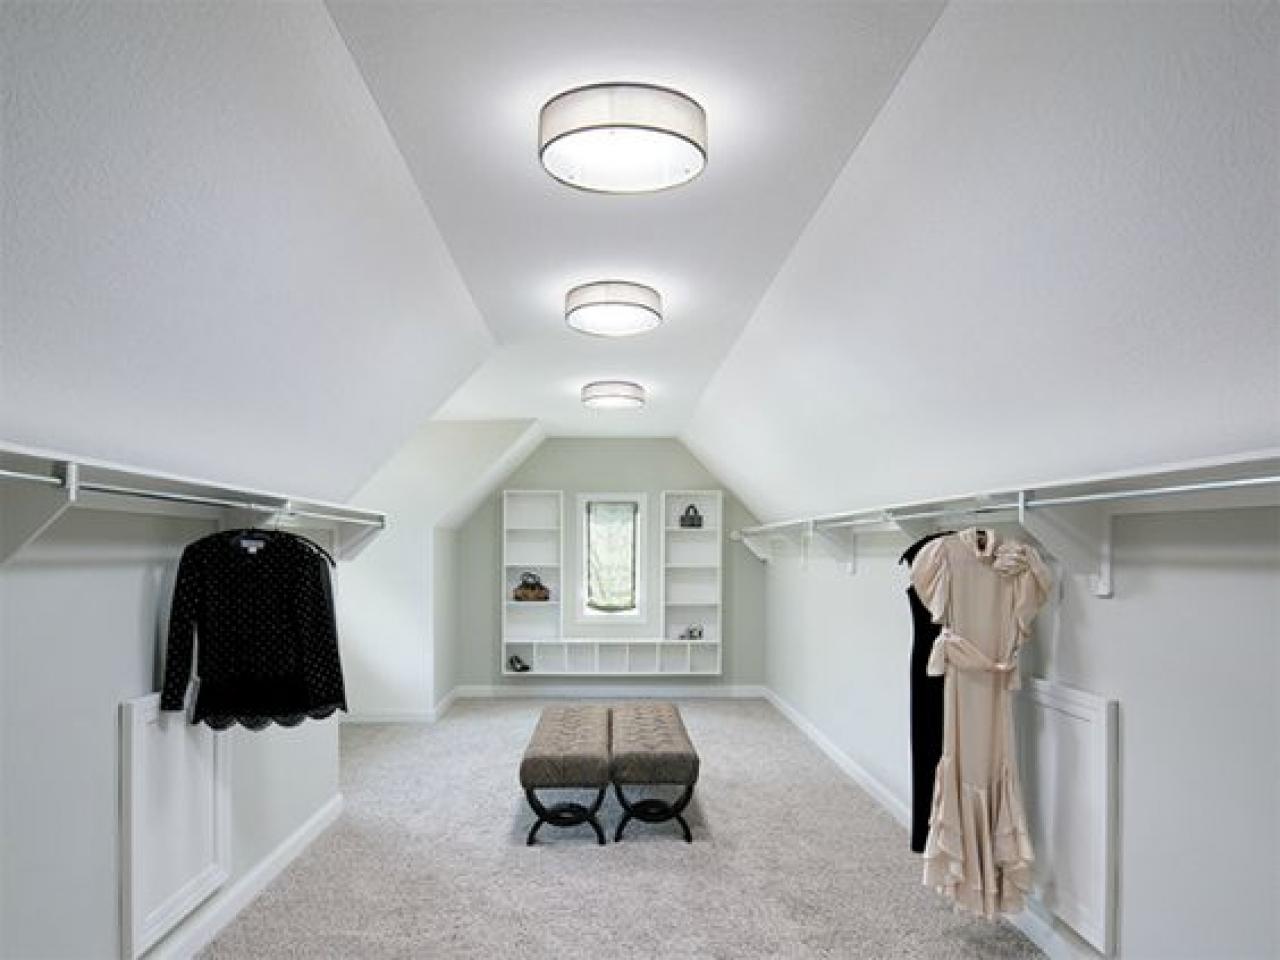 Pozzi di luce naturale per illuminare la casa ticinonline